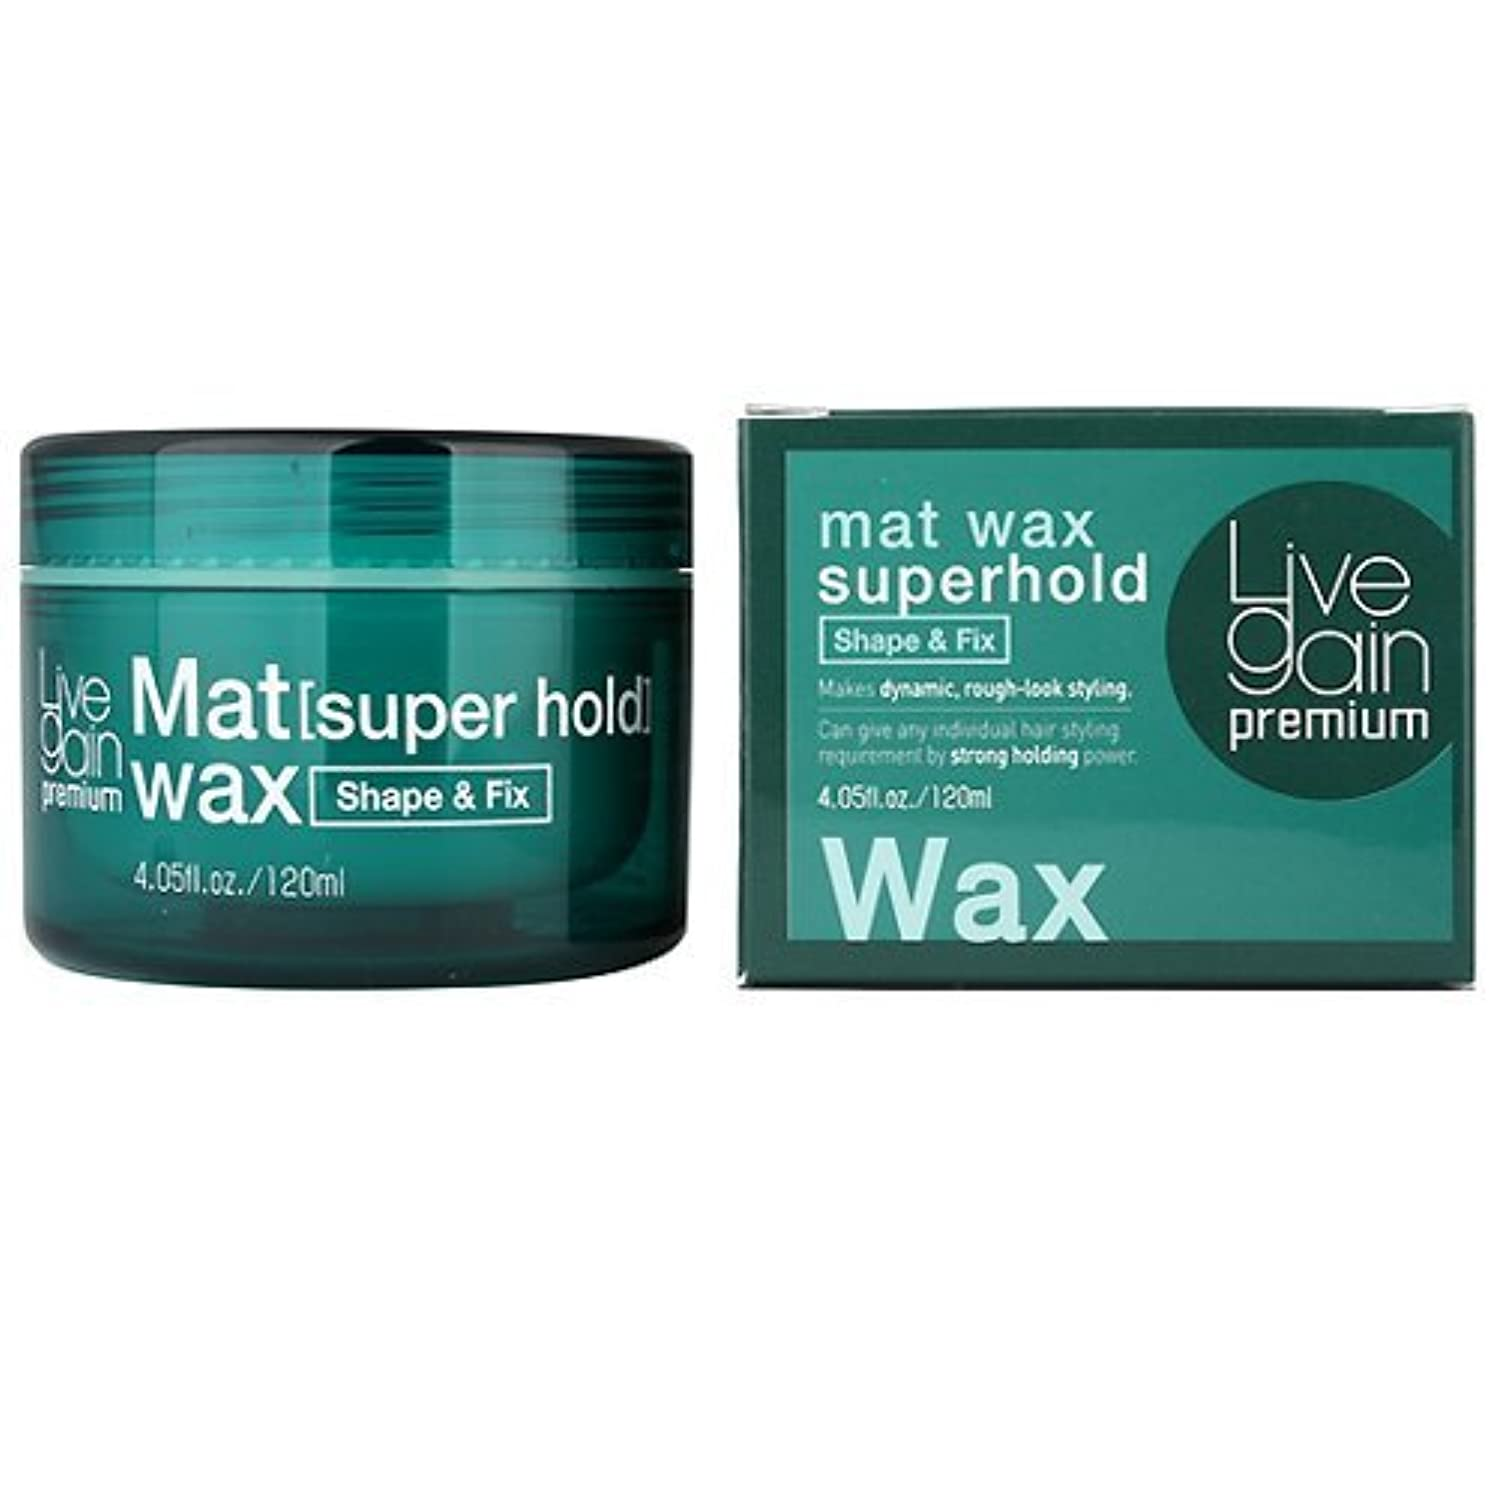 ページラッシュ大胆不敵Livegain プレミアム マット ワックス スーパーホールド 120ml マット ヘア ワックス ストロング ホールド (Premium Mat Wax Superhold 120ml Matte Hair wax...